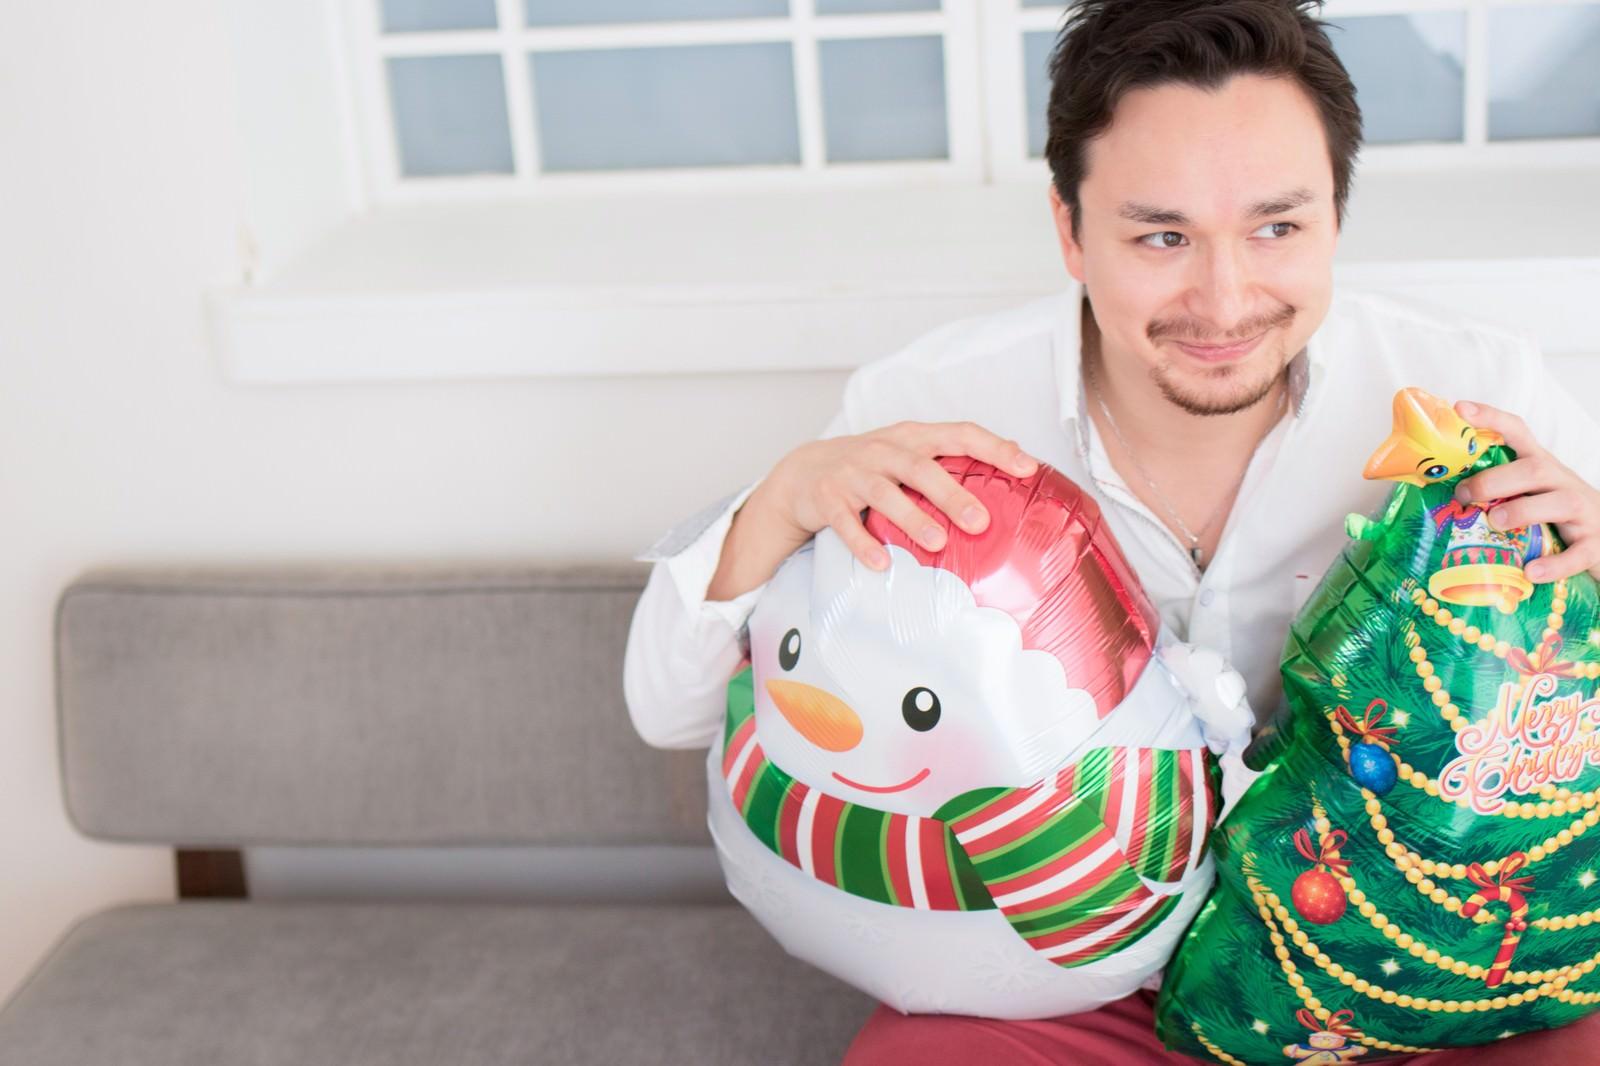 「クリスマスグッズを準備して、ガールフレンドが来るのをワクワクしながら待つハーフ | 写真の無料素材・フリー素材 - ぱくたそ」の写真[モデル:Max_Ezaki]